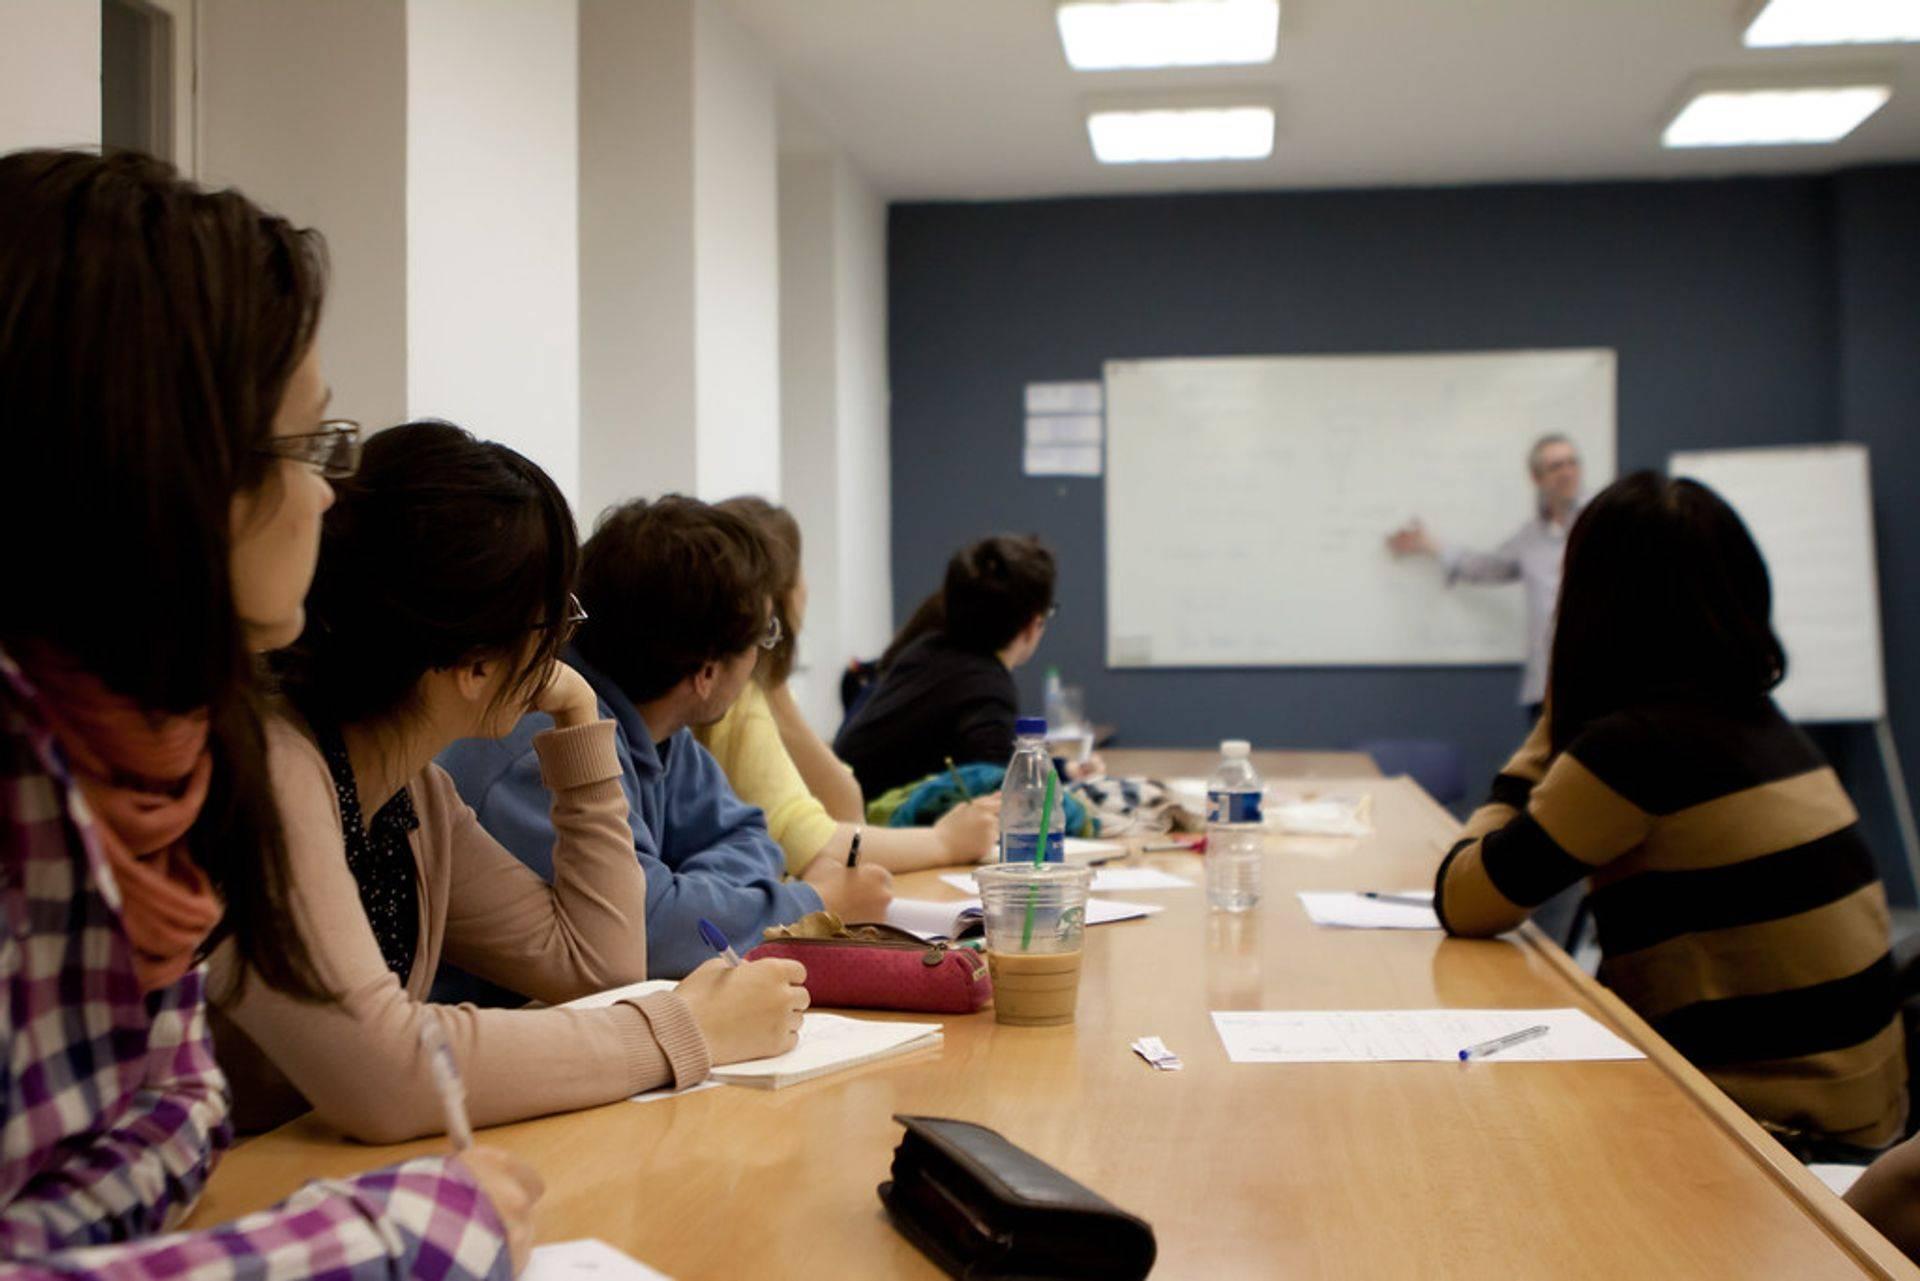 Instructor led Classroom training